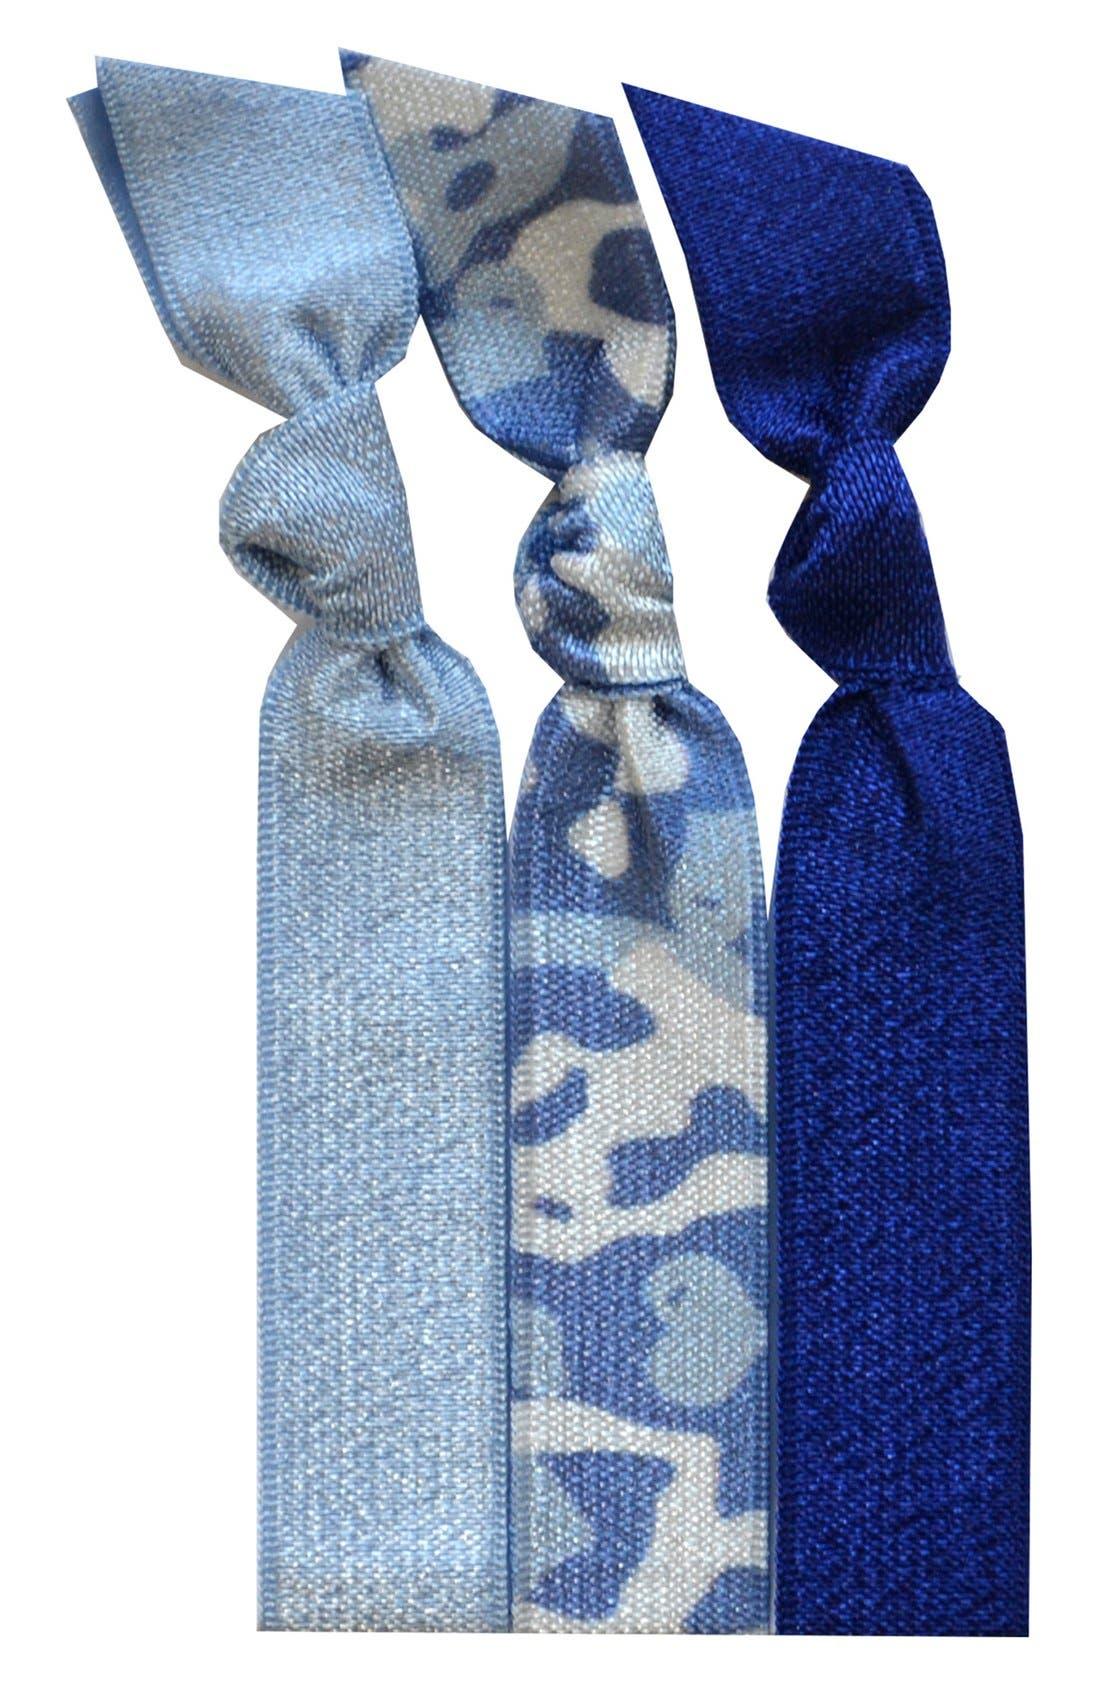 Alternate Image 1 Selected - Emi-Jay 'Ocean Camo' Hair Ties (3-Pack)